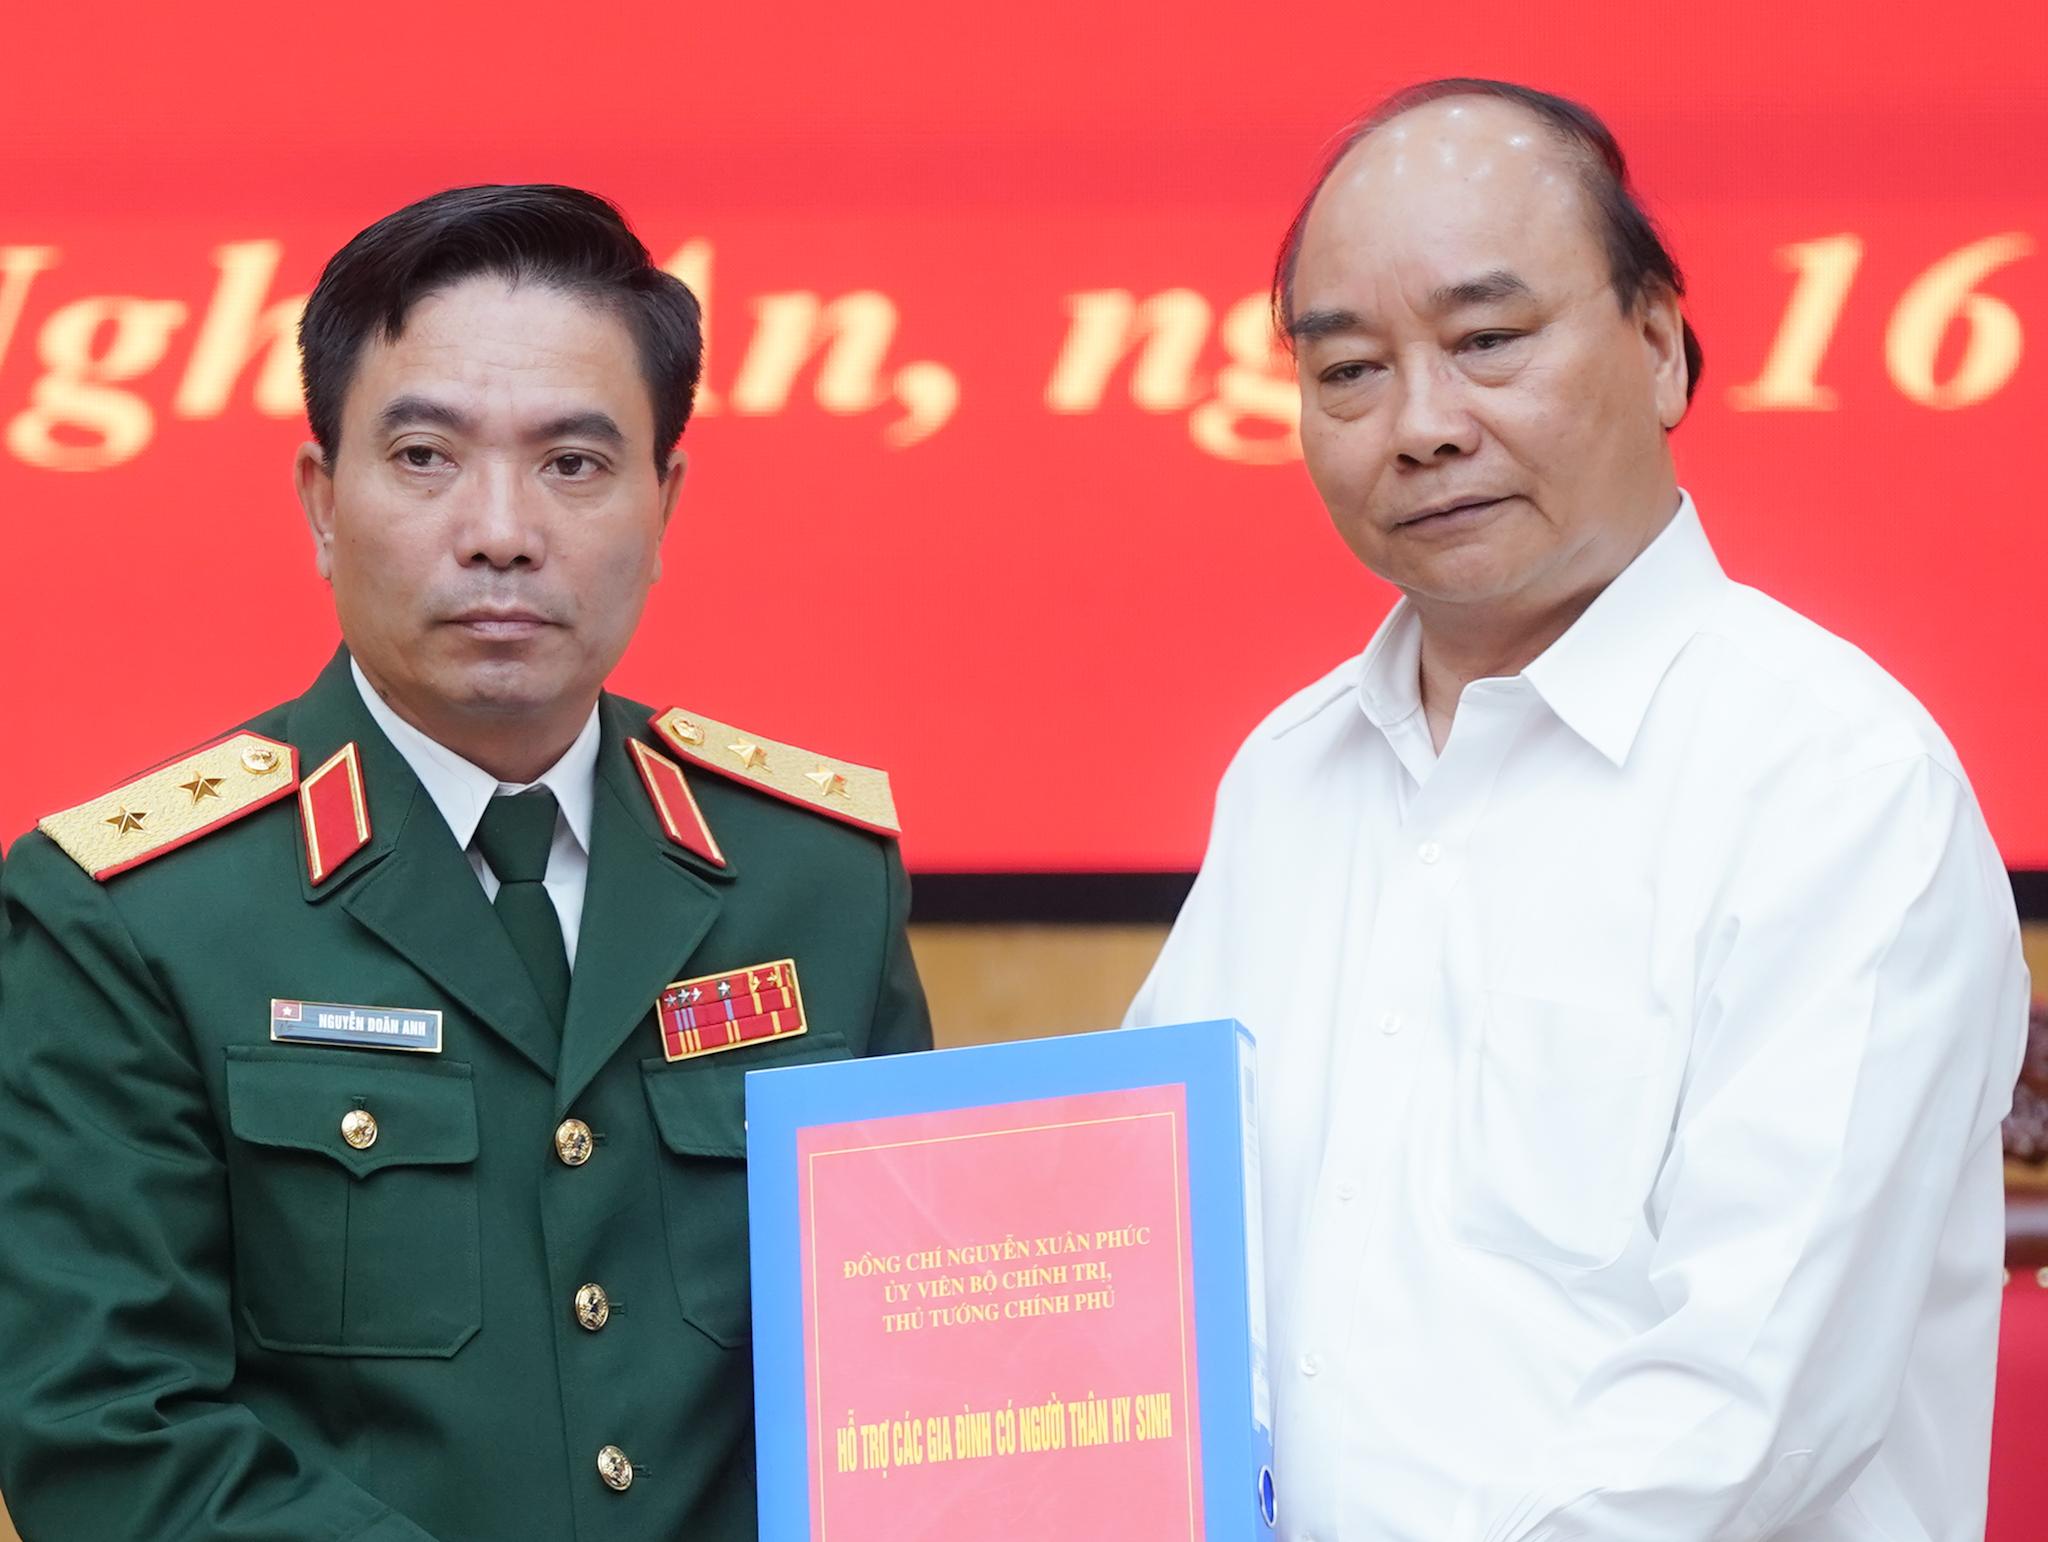 Đoàn công tác Quân khu 4 dũng cảm hy sinh để cứu dân 5